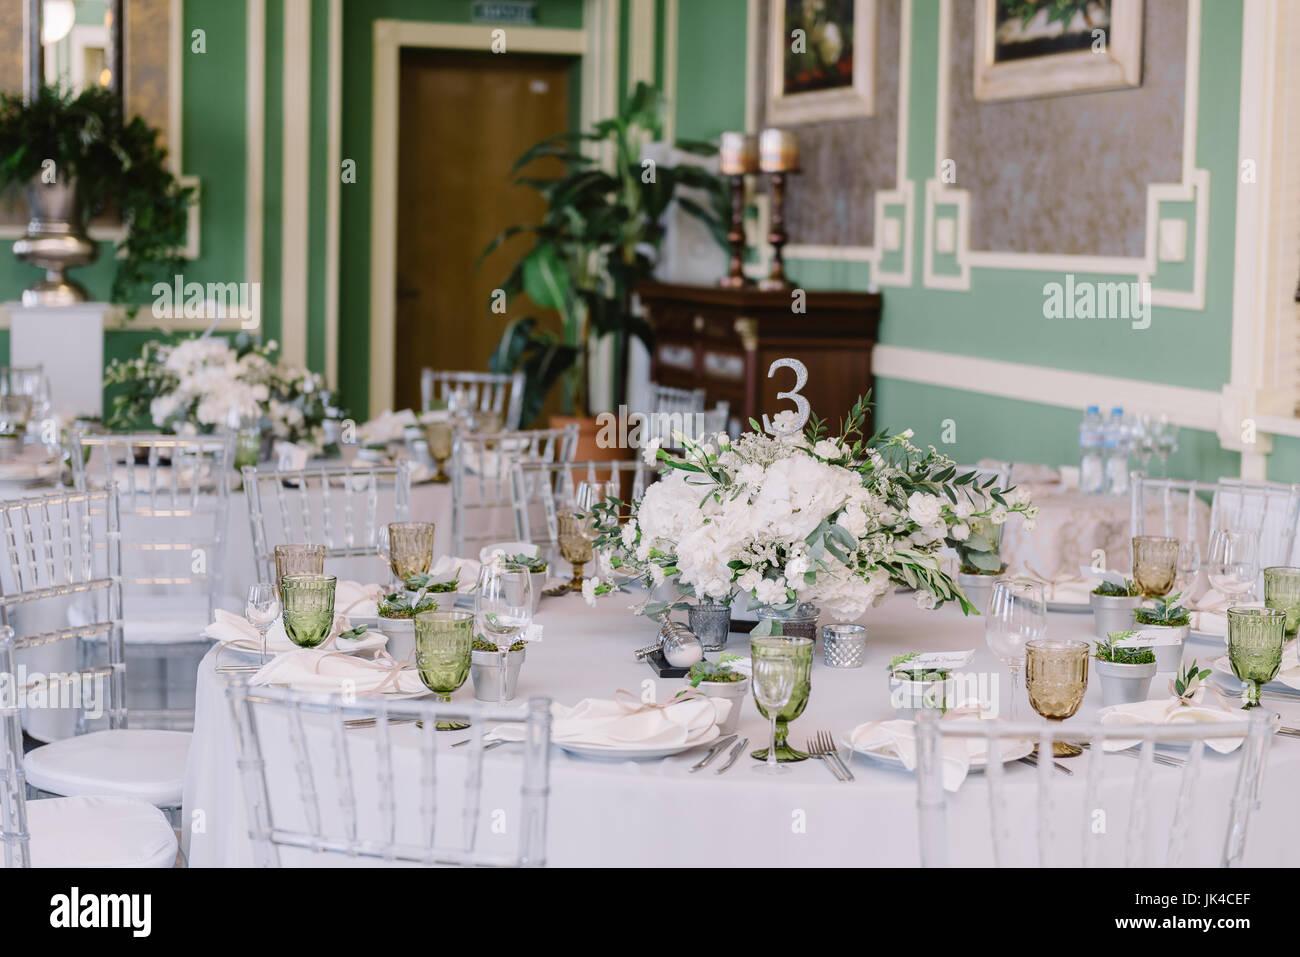 Hochzeit Dekoration Des Tisches Gaste Mit Blumen Kerzen Silber